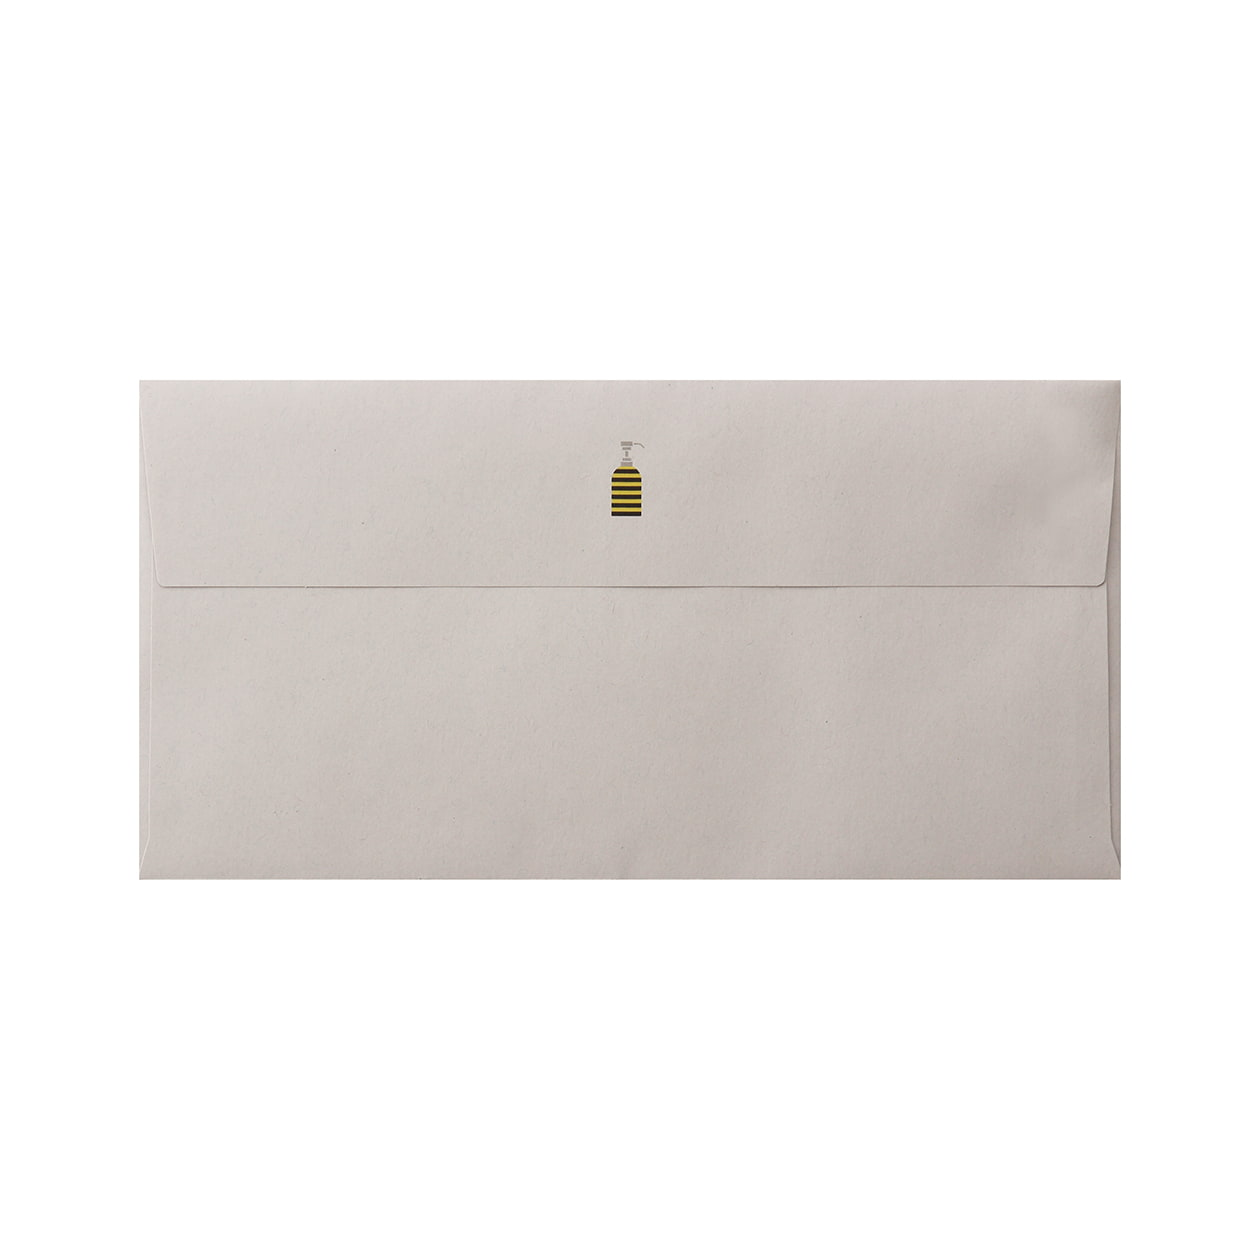 見本 00222 長3カマス封筒 HAGURUMA Basic ライナーグレイ 100g